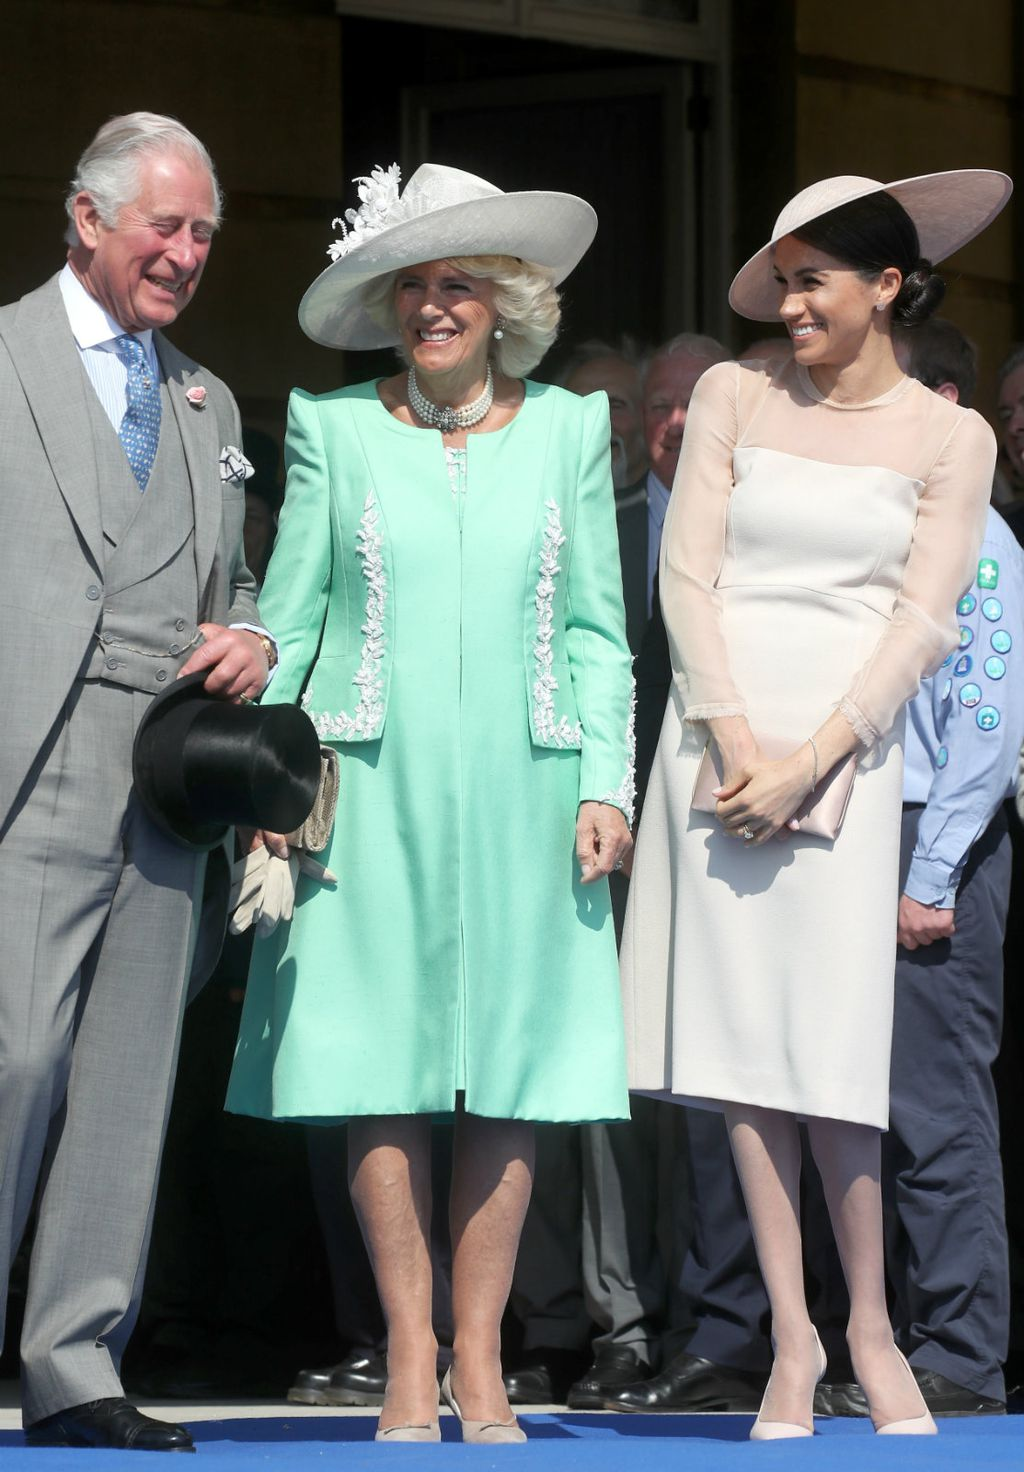 Iako inače izbjegava najlonke, Meghan ih je nosila na kraljičinoj zabavi povodom rođendana princa Charlesa